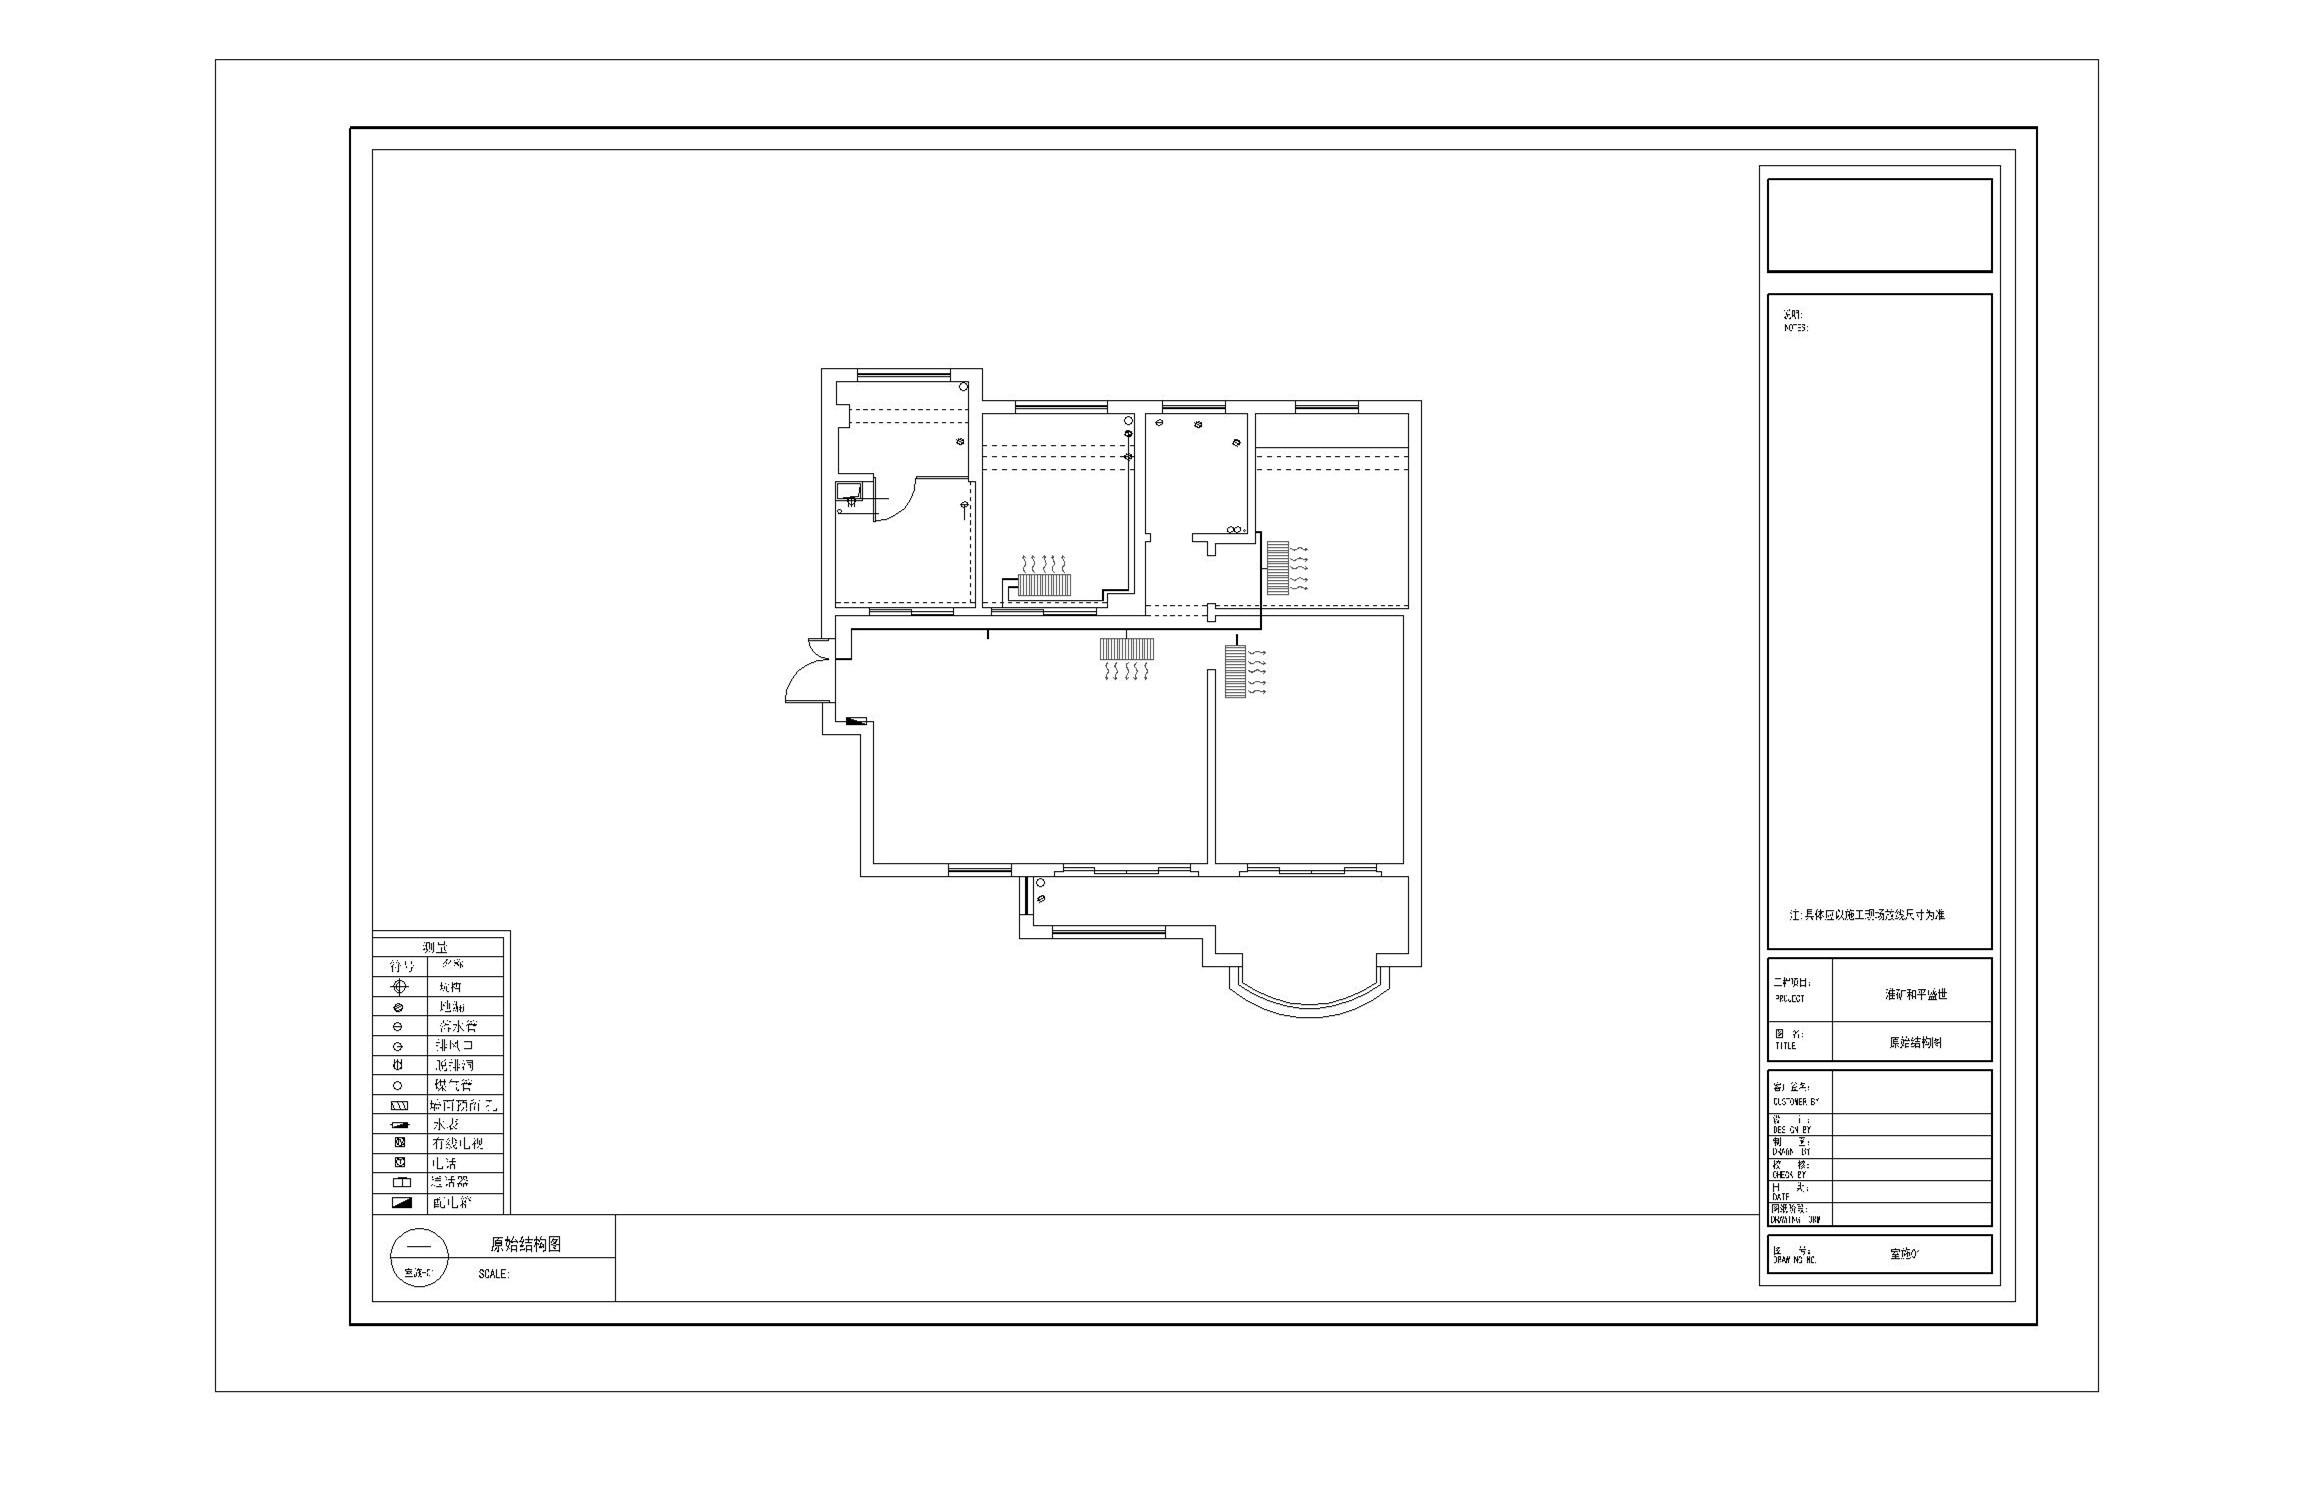 欧式 简欧风格 和平盛世 三居 户型图图片来自合肥川豪装饰装修在和平盛世109平米简欧风格的分享